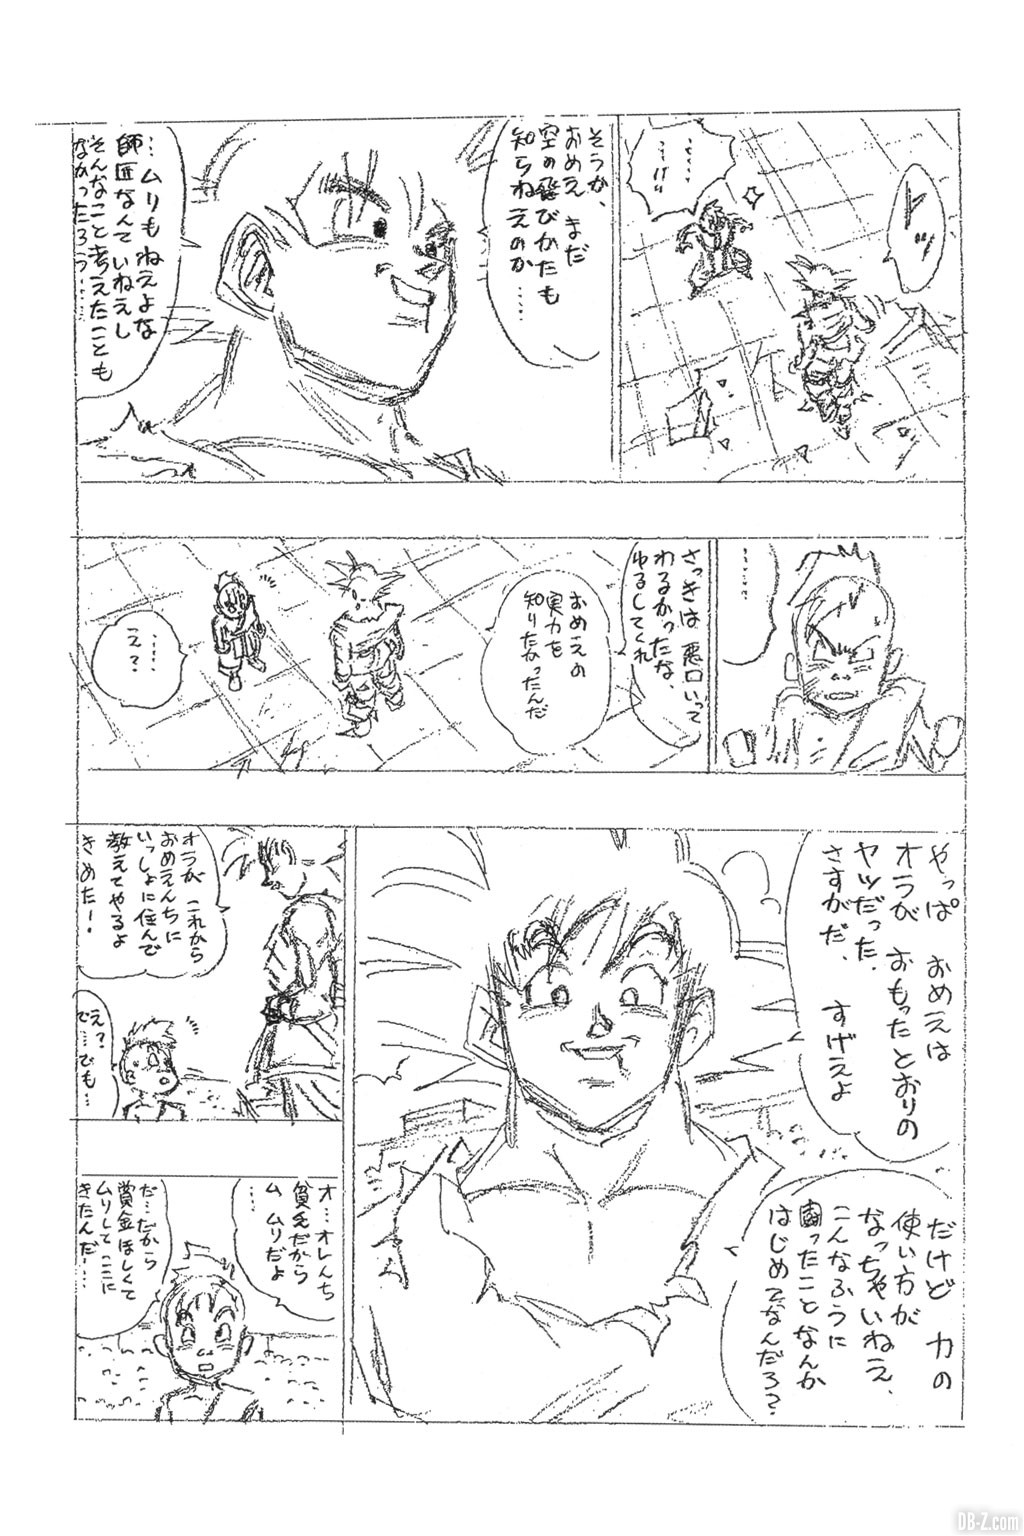 Brouillon Akira Toriyama Dernier Chapitre de Dragon Ball Page 15